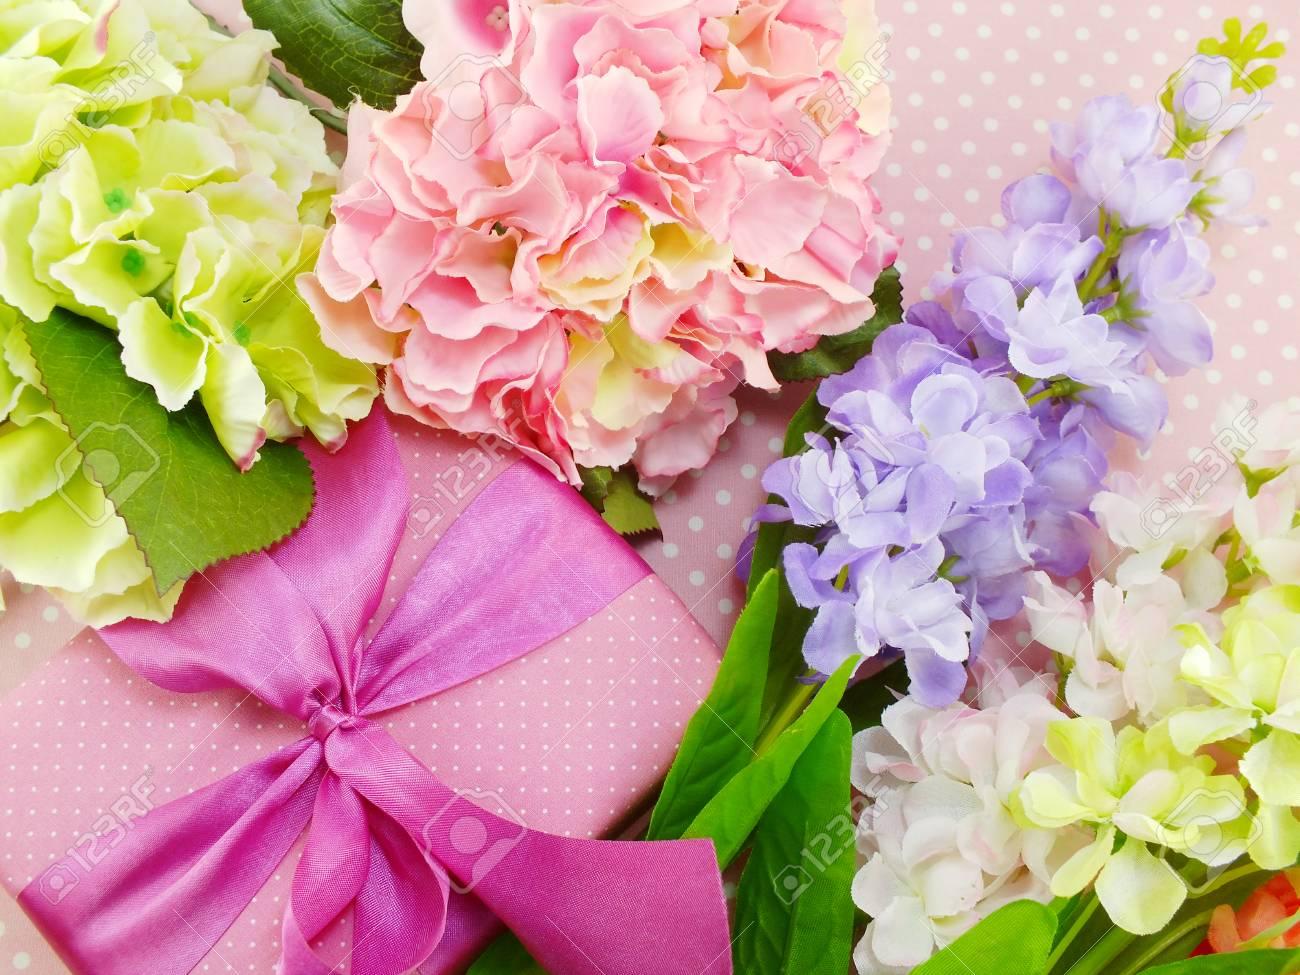 Cadeaux Et Beau Bouquet De Fleurs Pour L Anniversaire De La Fête Des Mères Ou D Autres Vacances